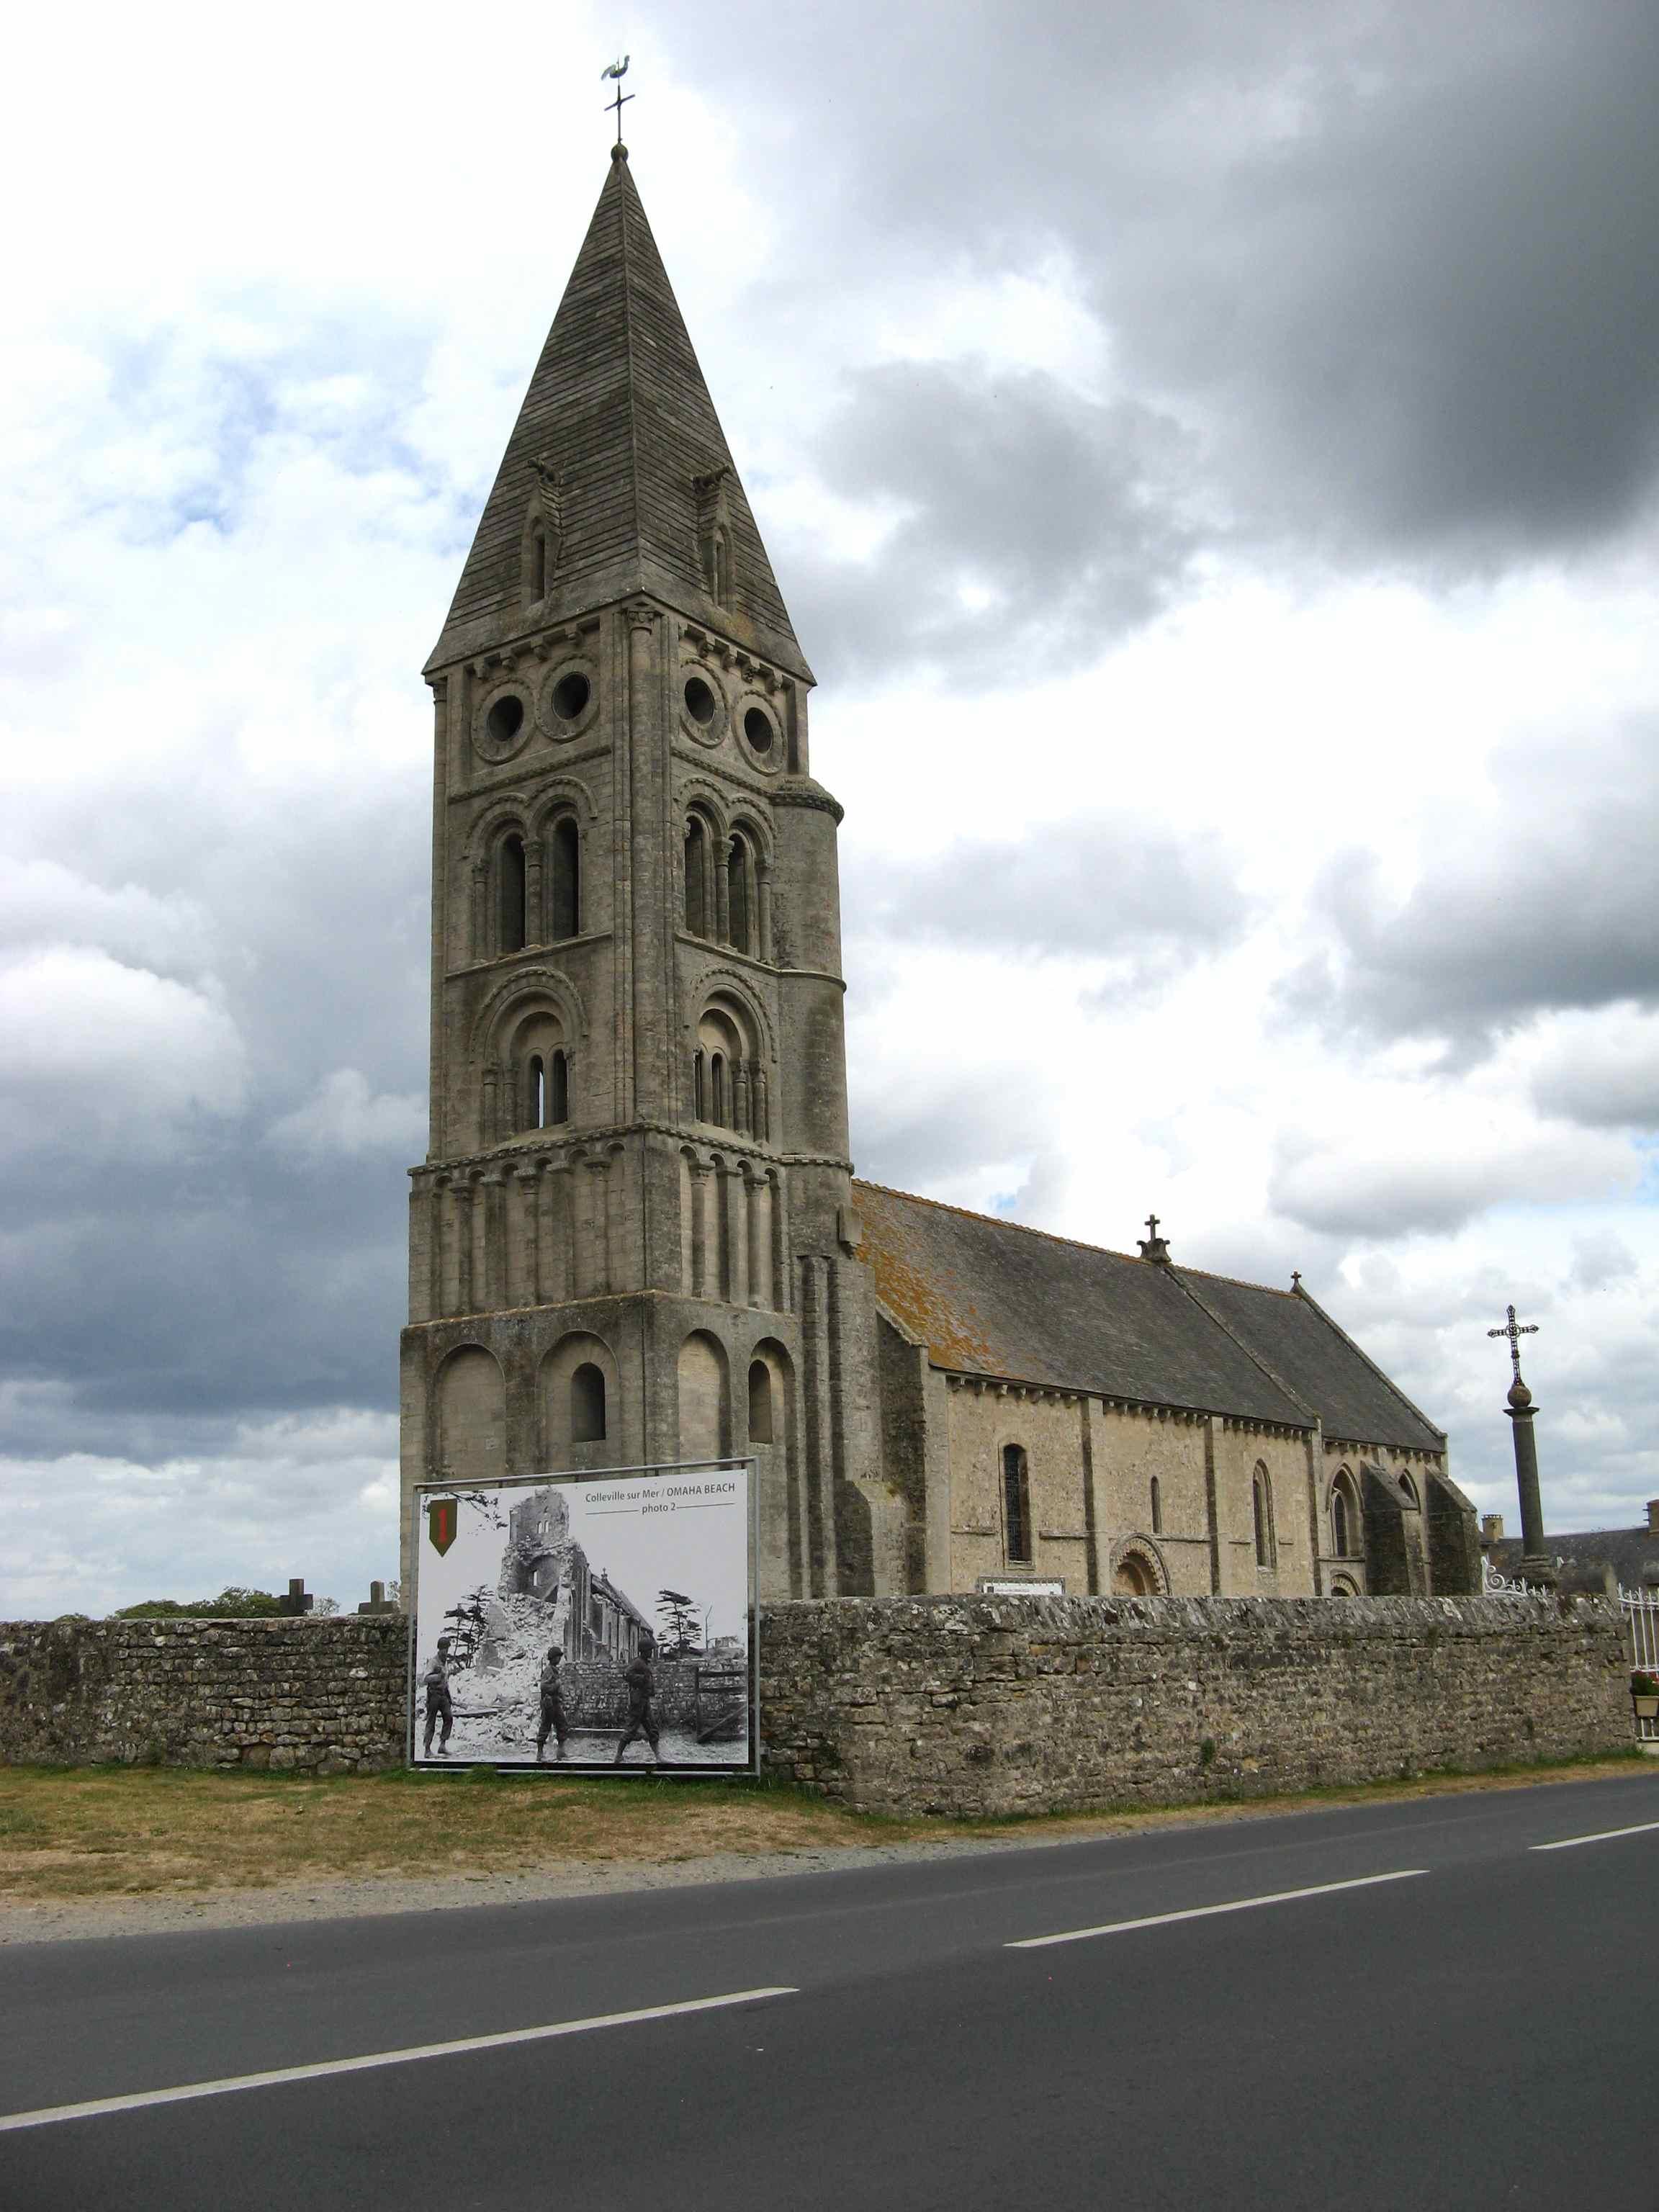 Colleville-sur-Mer church